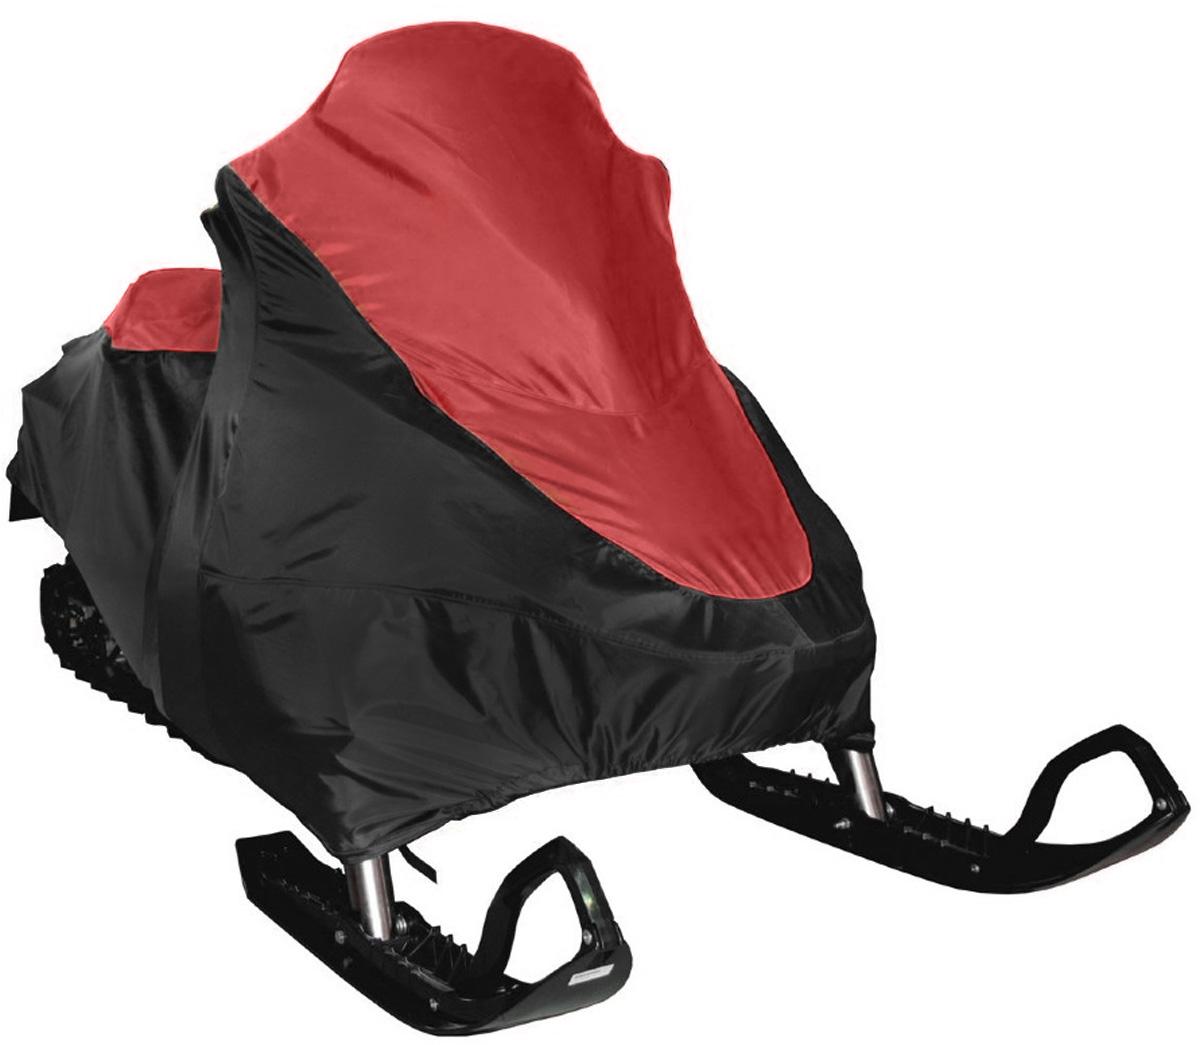 Чехол транспортировочный AG-brand, для снегохода Ski-Doo SKANDIC SWT 600, цвет: черный, красныйKGB GX-5RSЧехол для транспортировки AG-brand предназначен для снегохода Ski-Doo SKANDIC SWT 600. Изделие выполнено из прочной влагоотталкивающей ткани плотностью 600 Den, с применением армированных ниток. По нижней кромке чехла вшита плотная резинка, обеспечивающая надежную фиксацию на снегоходе.В комплект транспортировочного чехла входит прочная текстильная стропа для крепления техники в прицепе или специальном боксе для перевозки.